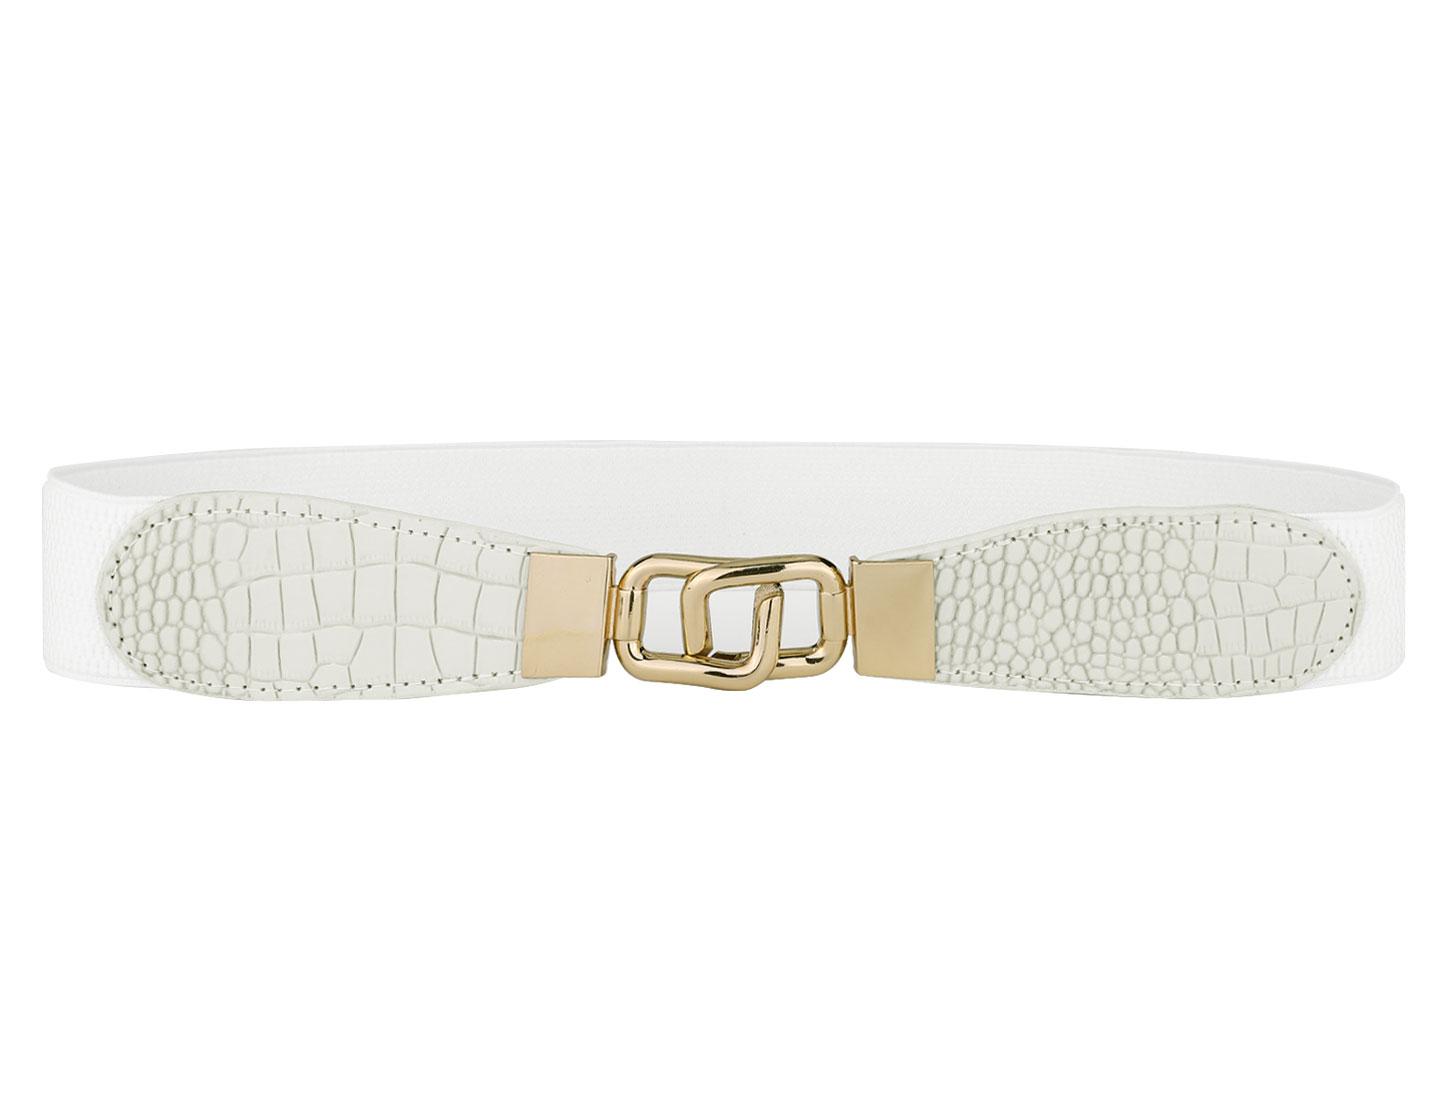 Ladies Interlocking Buckle Alligator Pattern Elastic Cinch Waist Belt White